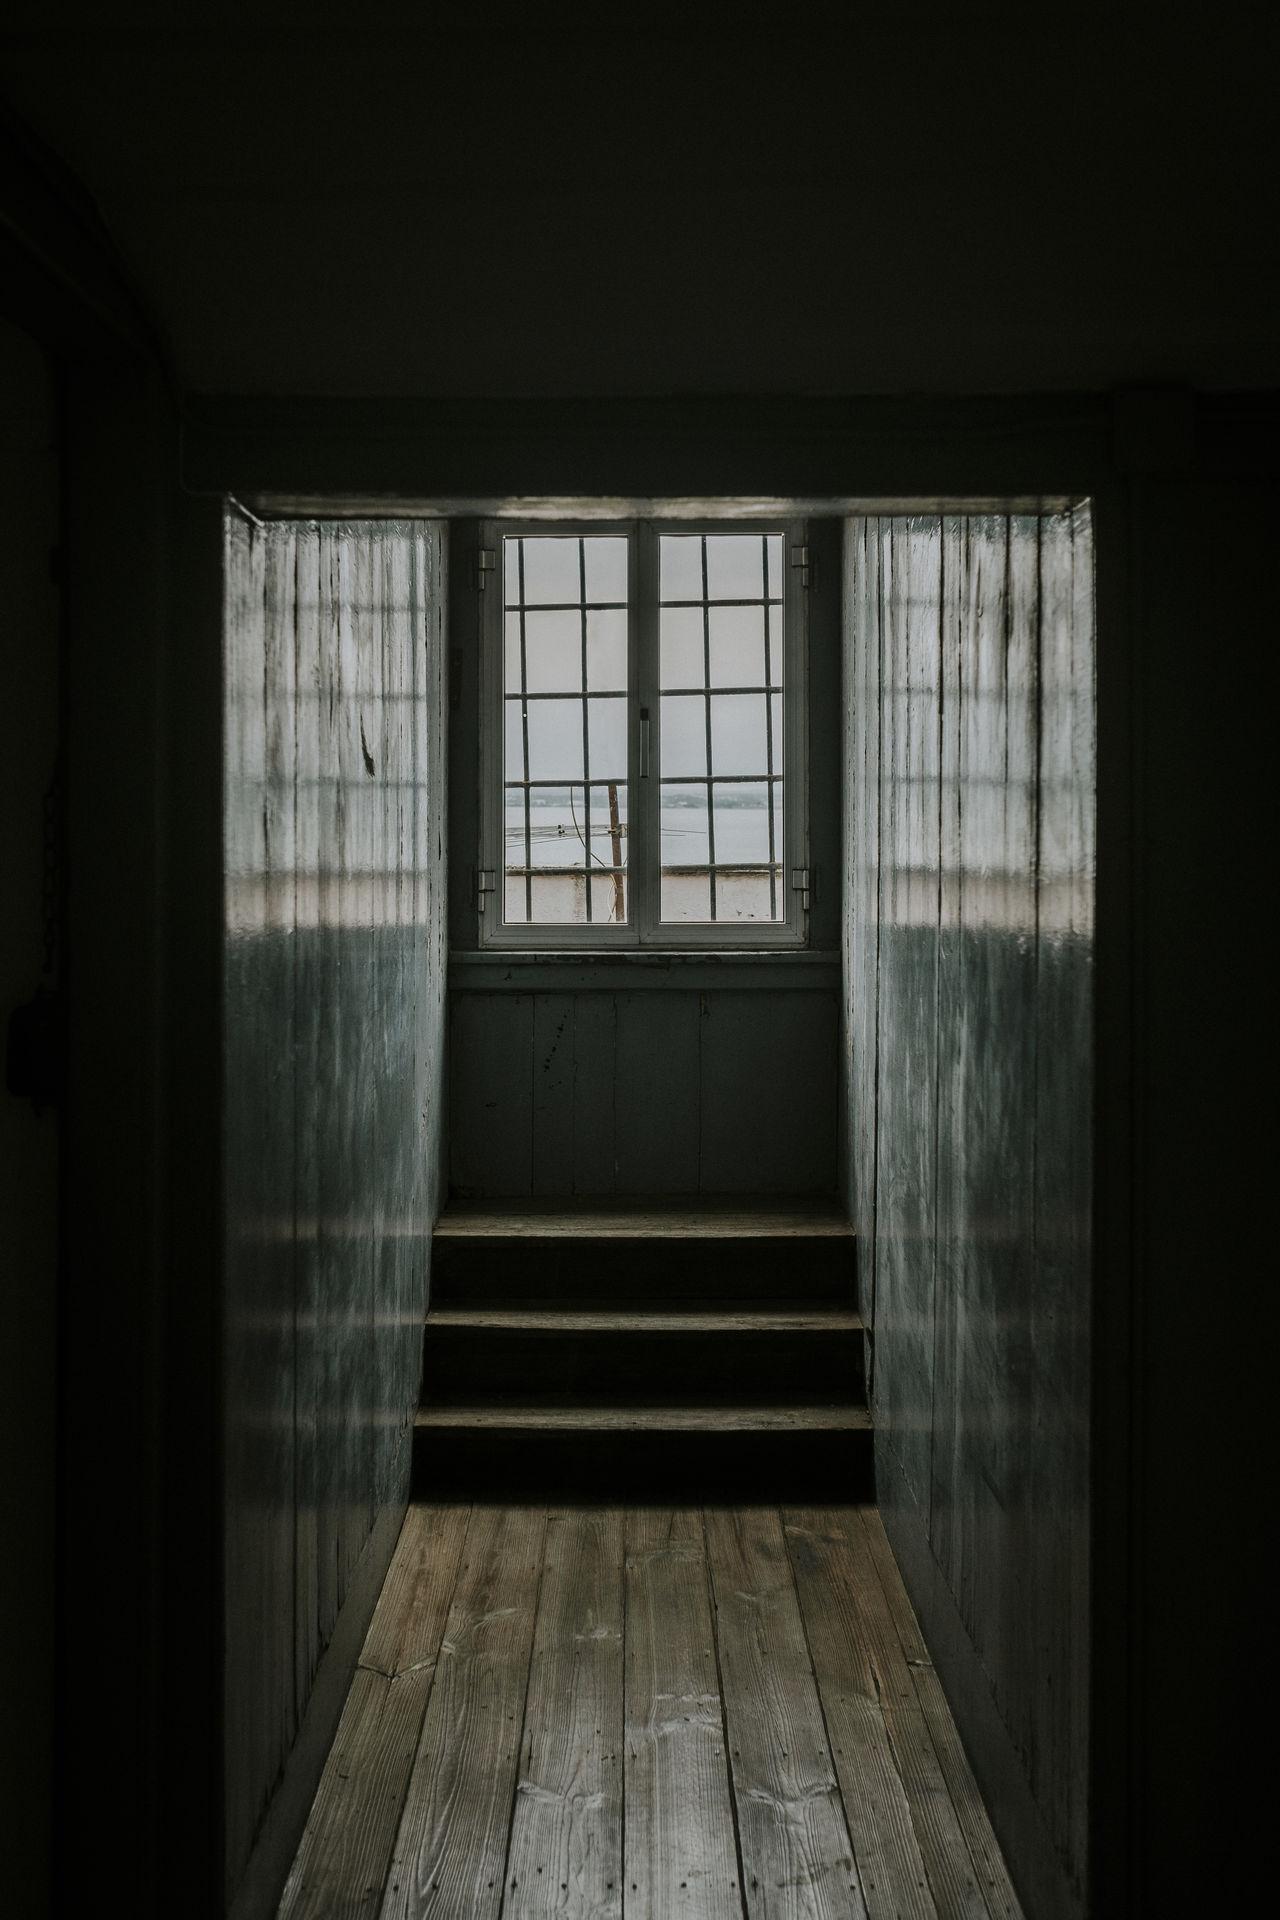 Empty corridor in house